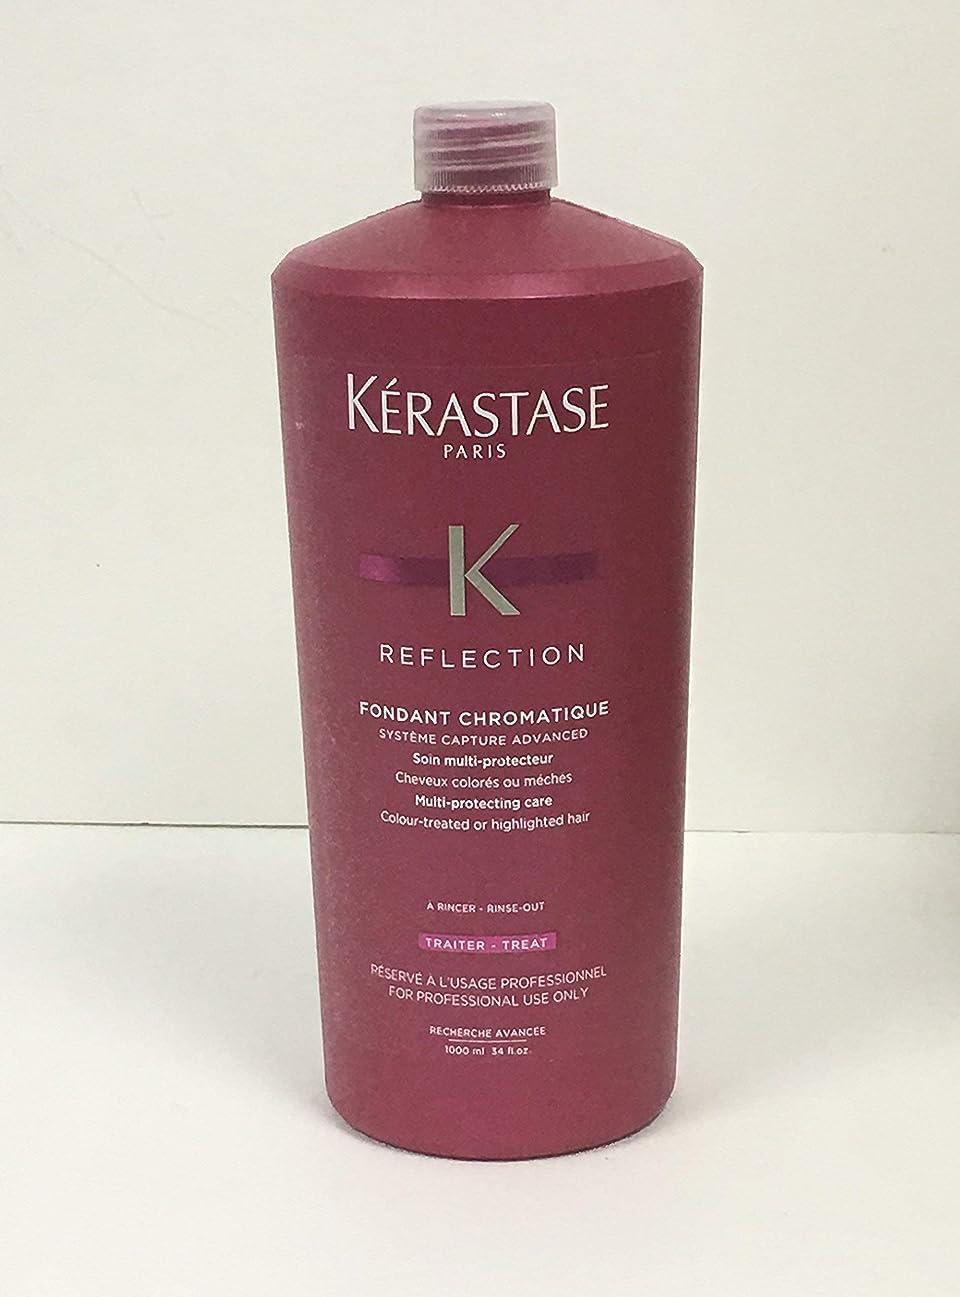 千カートン記録ケラスターゼ Reflection Fondant Chromatique Multi-Protecting Care (Colour-Treated or Highlighted Hair) 1000ml/34oz並行輸入品